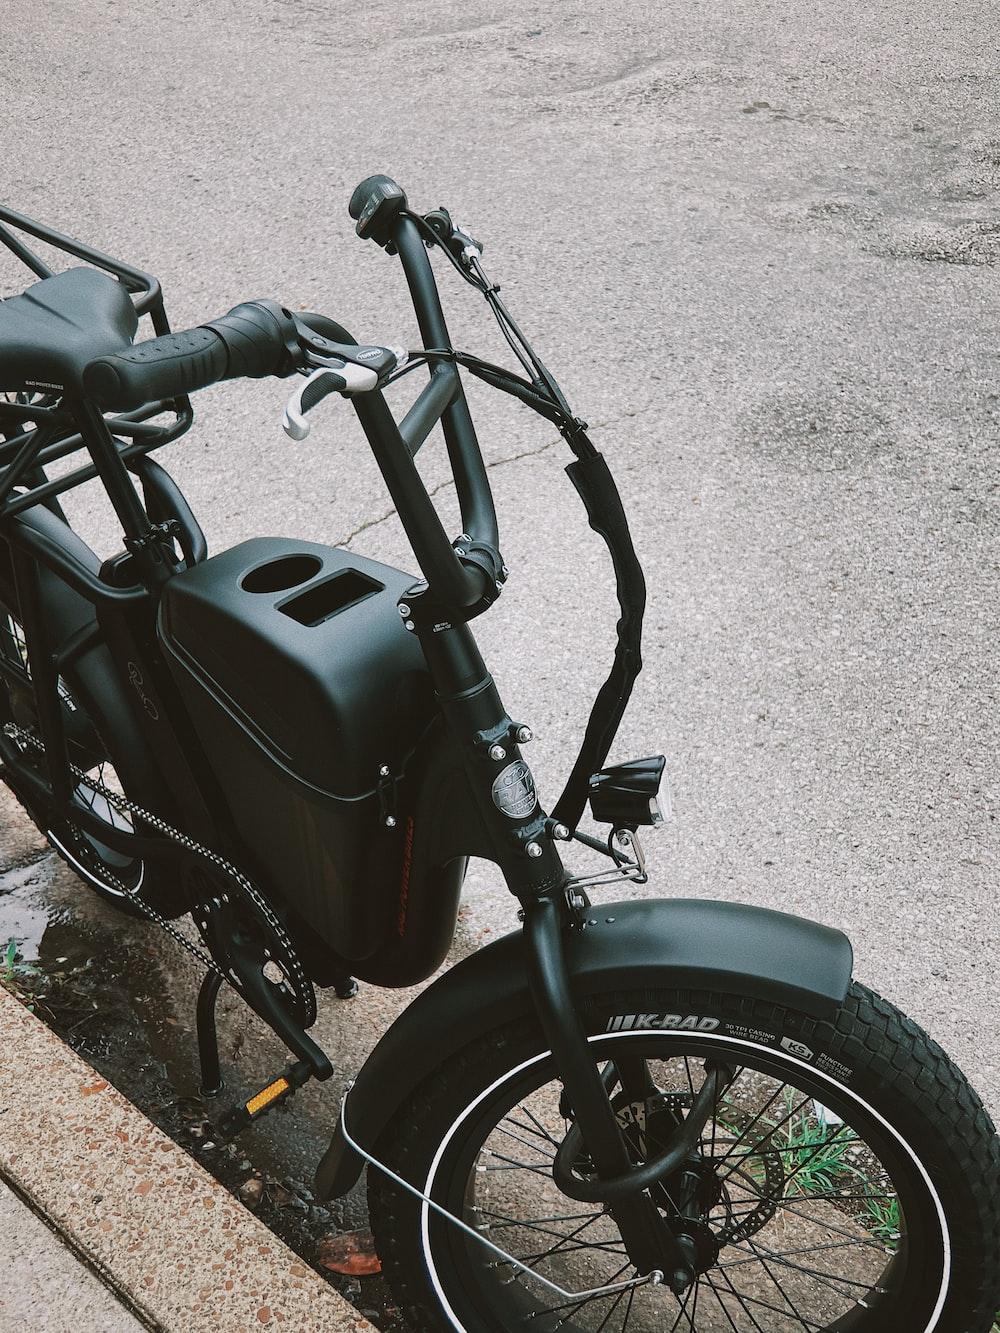 black motorcycle on gray concrete floor